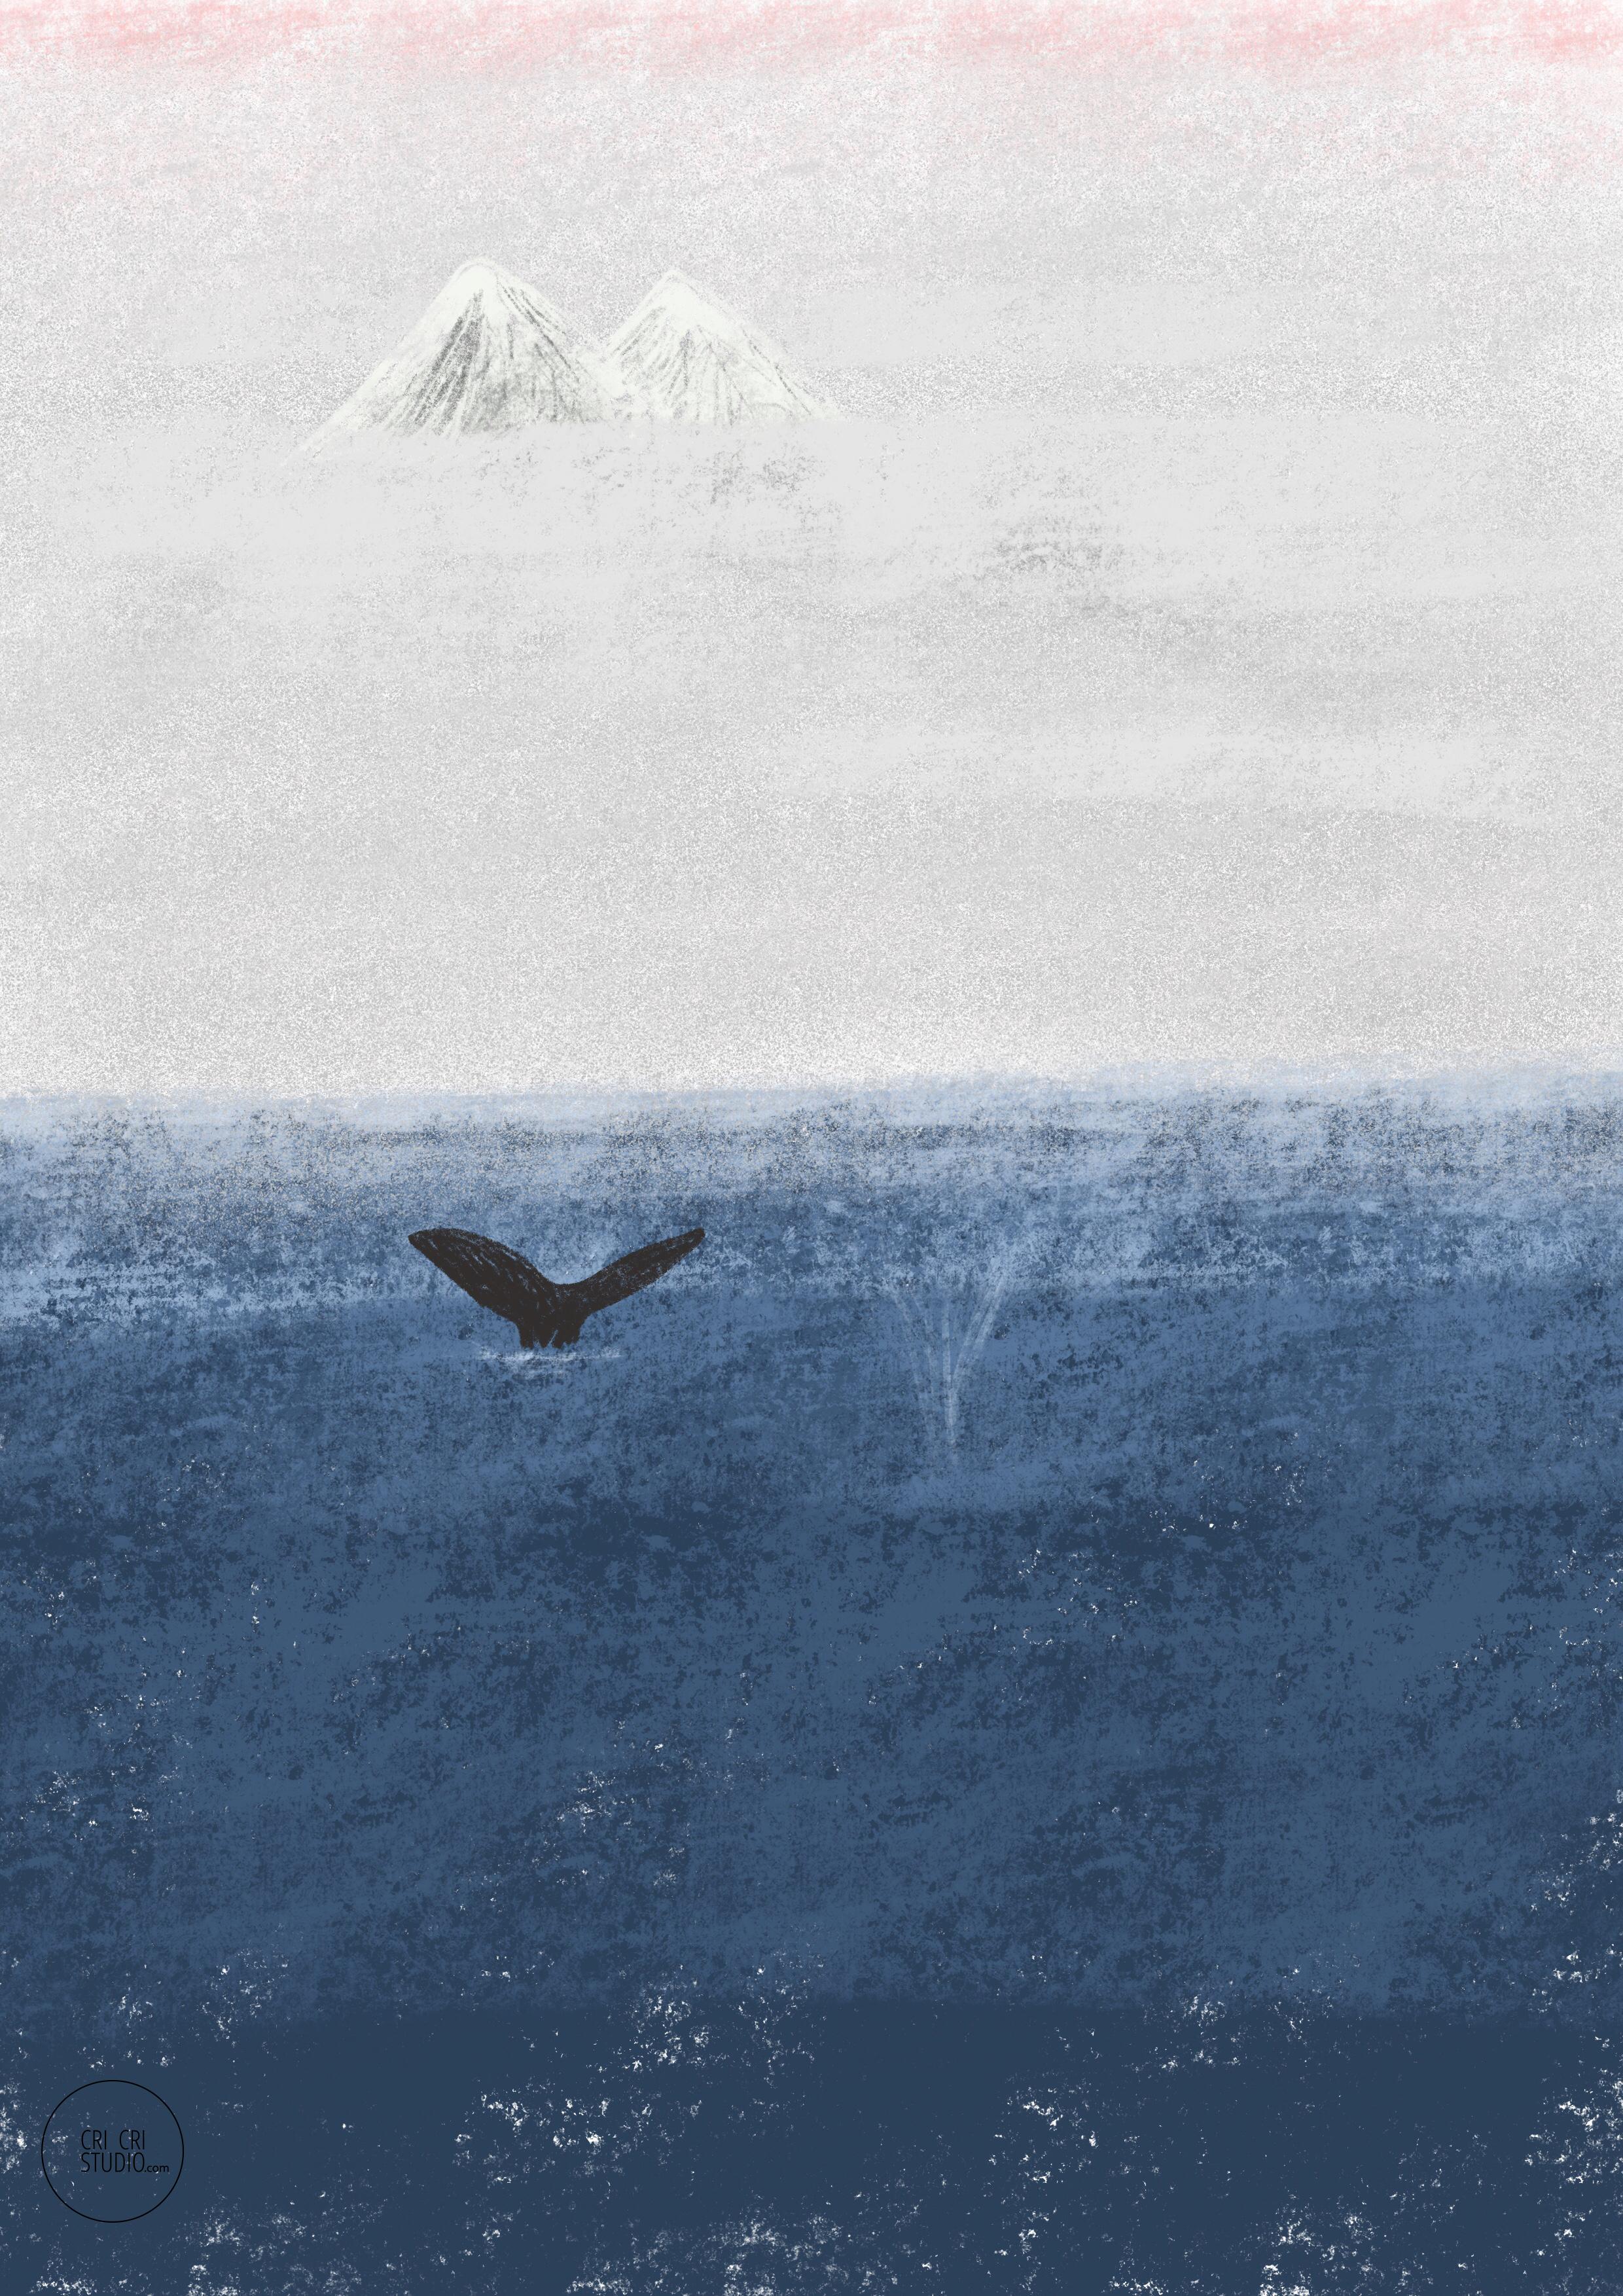 Zen whales by Cri Cri Studio